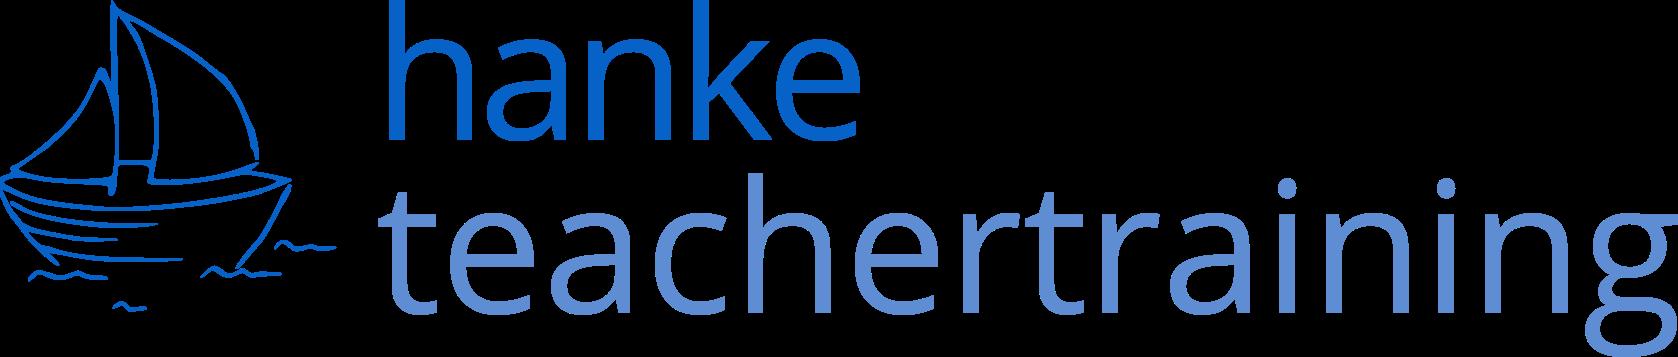 Logo Hanke Teachertraining in blauer Schrift mit Schiffchen